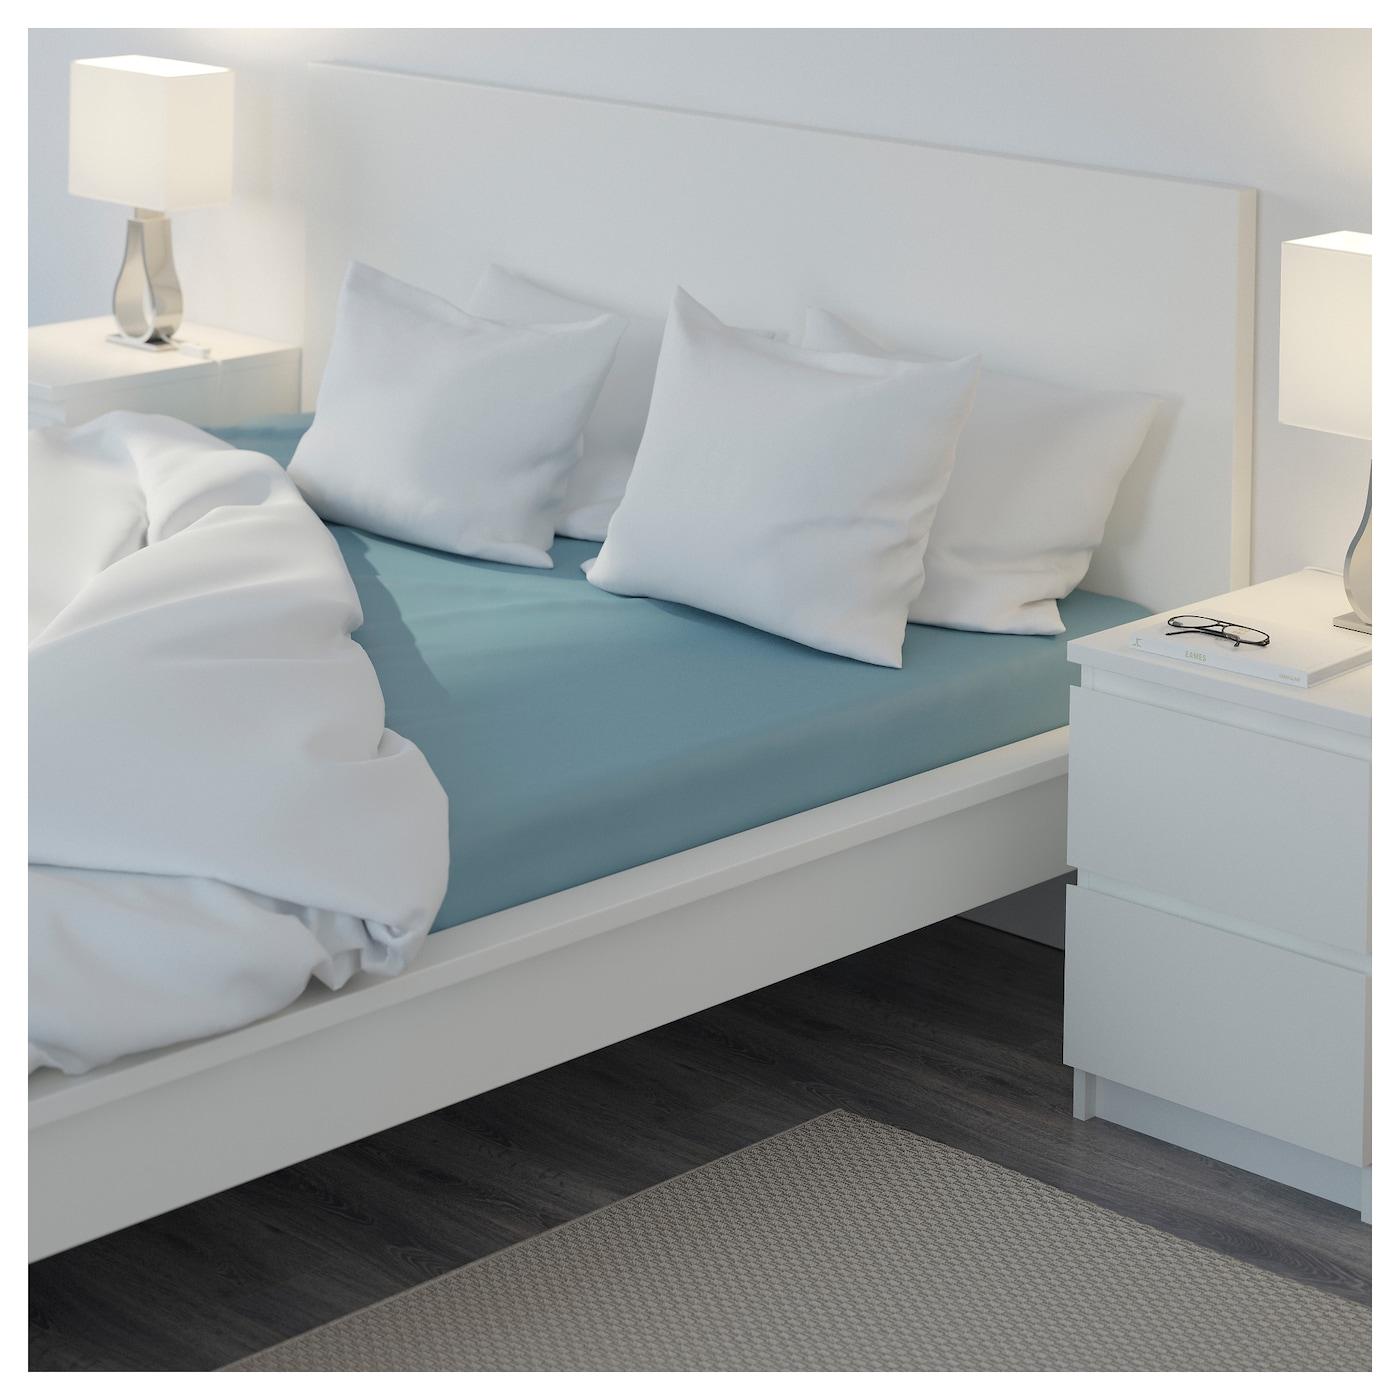 Nattjasmin drap housse bleu 160x200 cm ikea - Linge de lit ikea ...